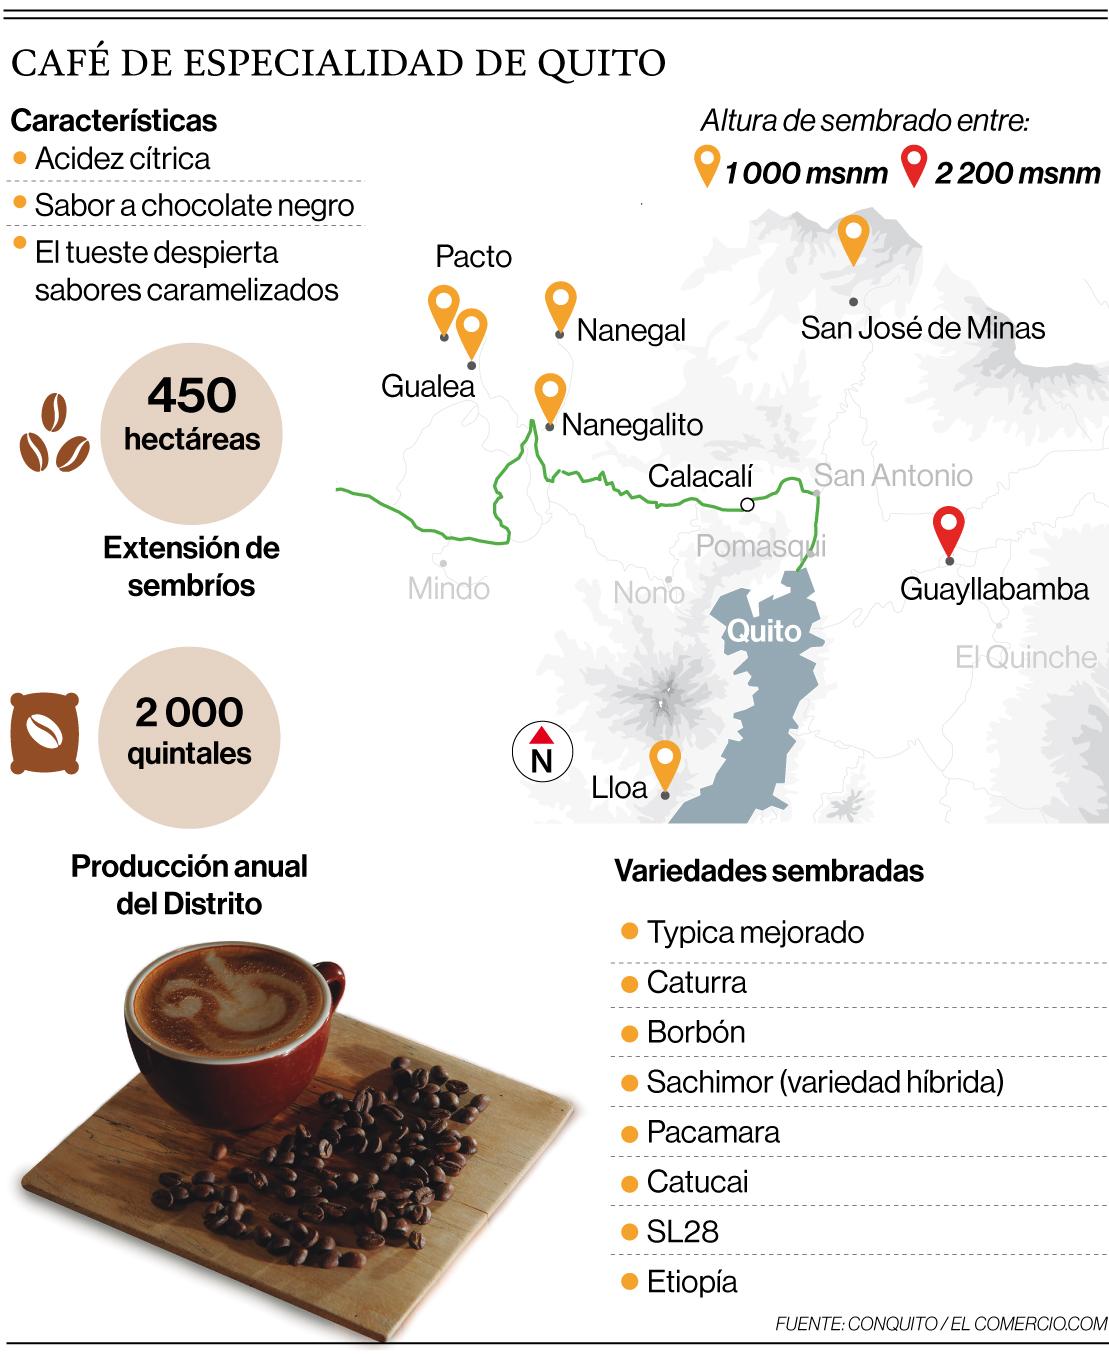 La ruta del café de especialidad apúnta a ser referente artistico